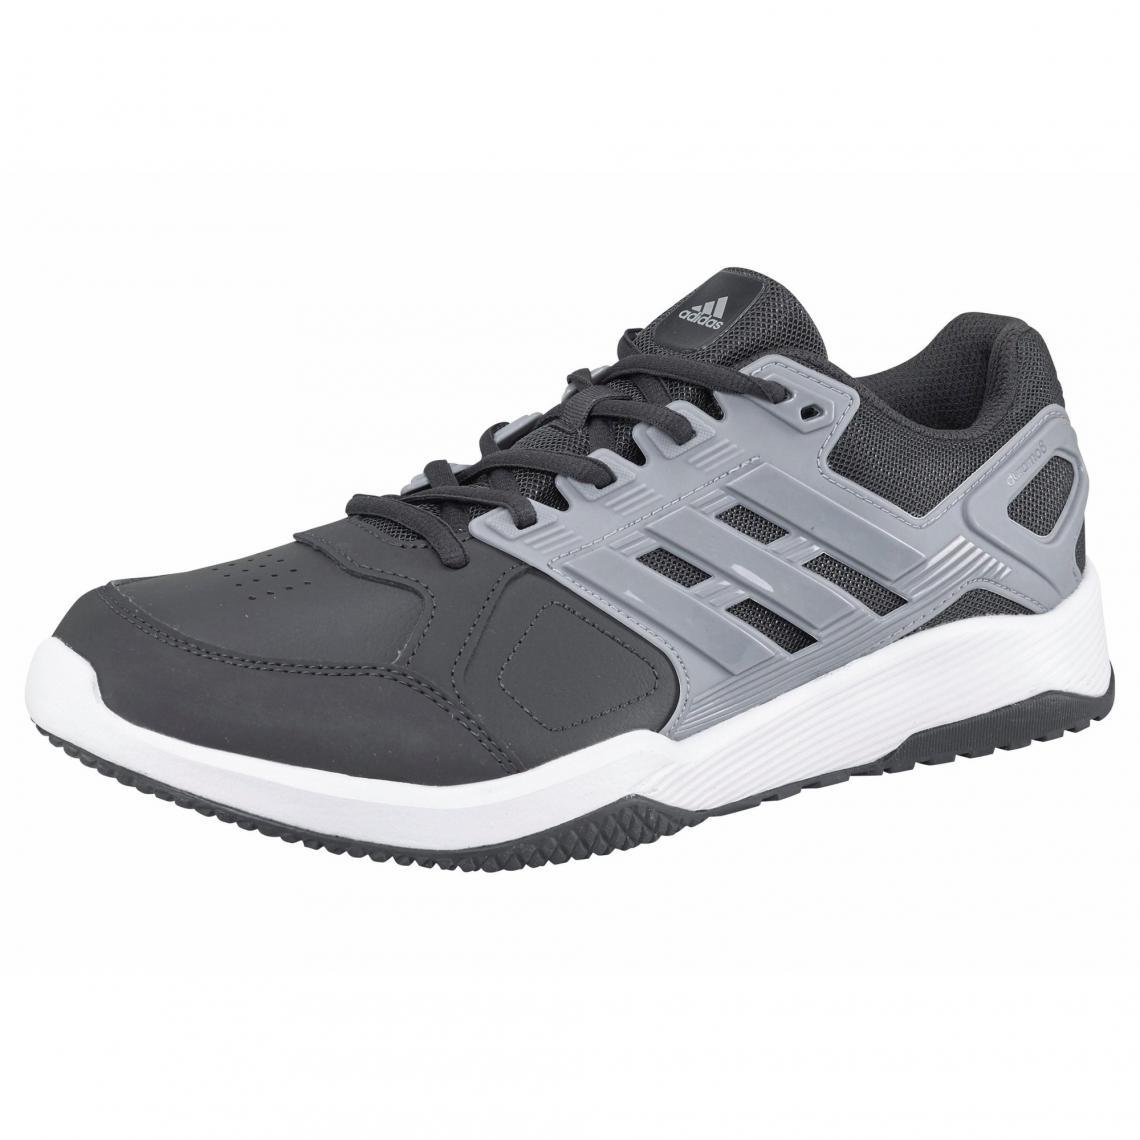 low priced 672dd 2884f Chaussures de course homme Duramo 8 Trainer M adidas Performance pour homme  - Noir - Gris